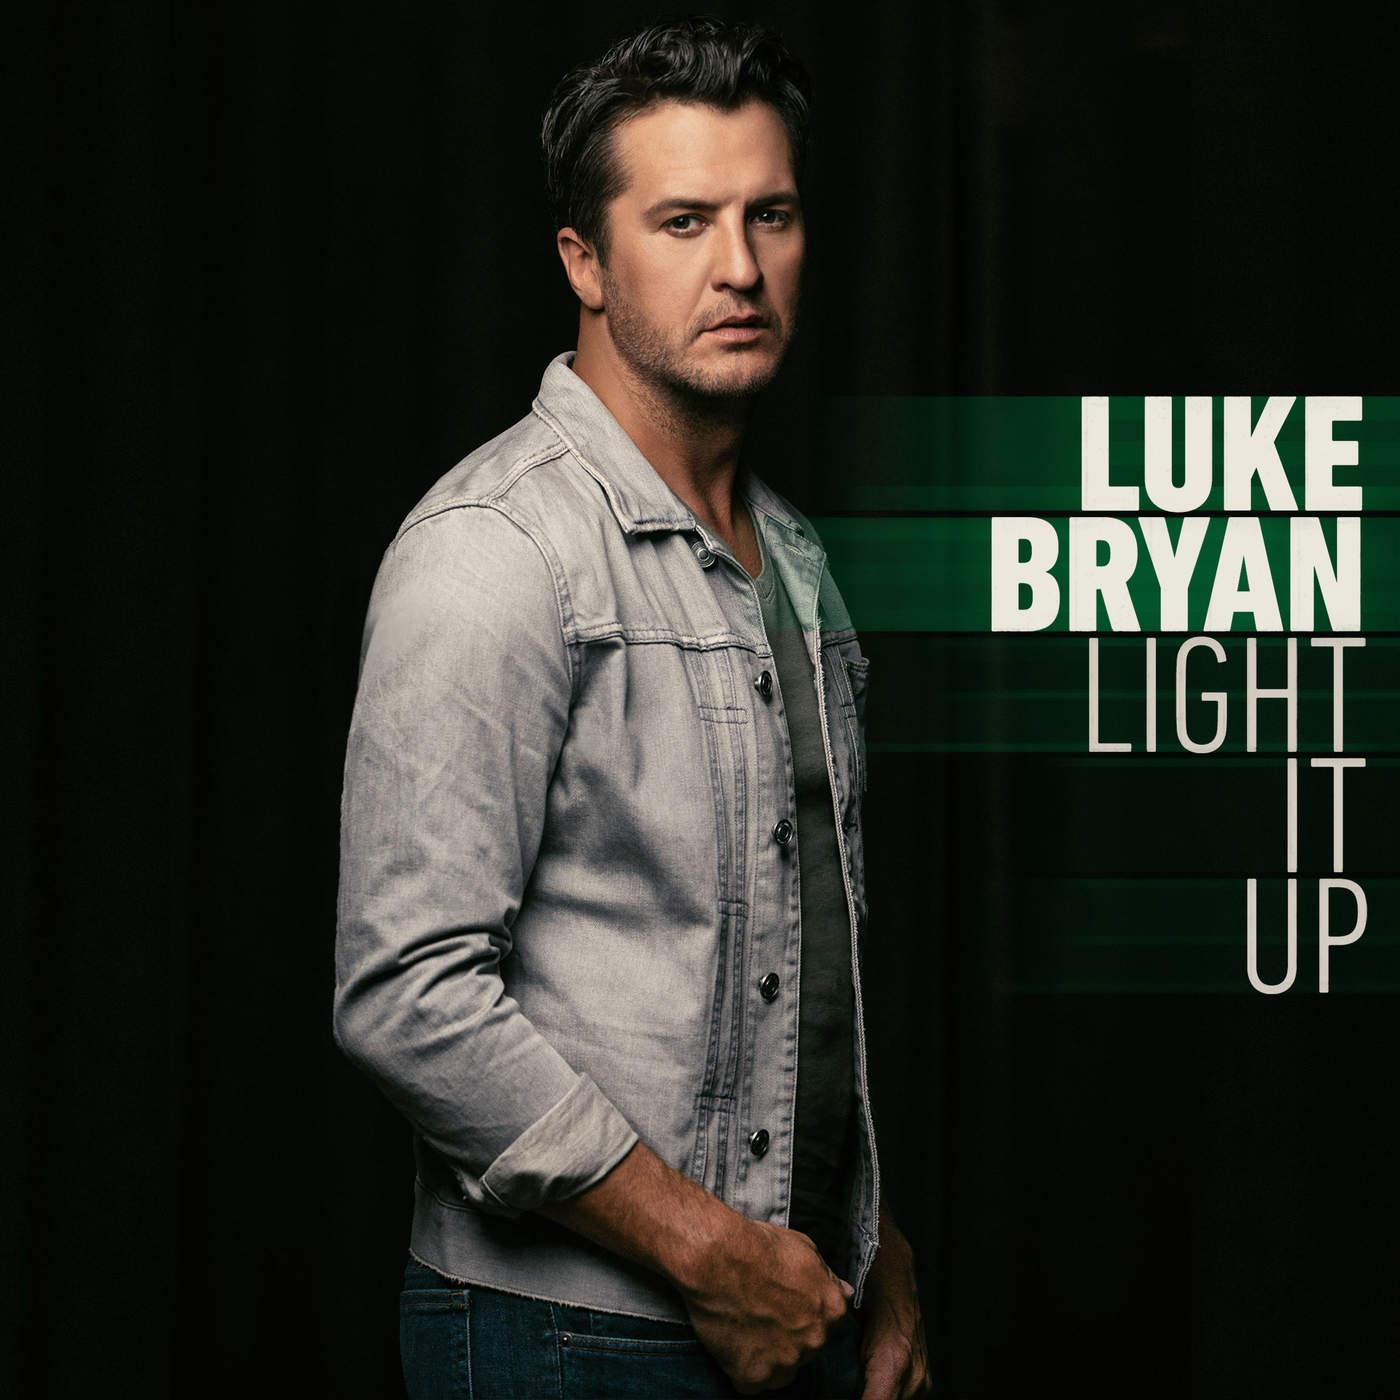 Luke Bryan - Light It Up - Single